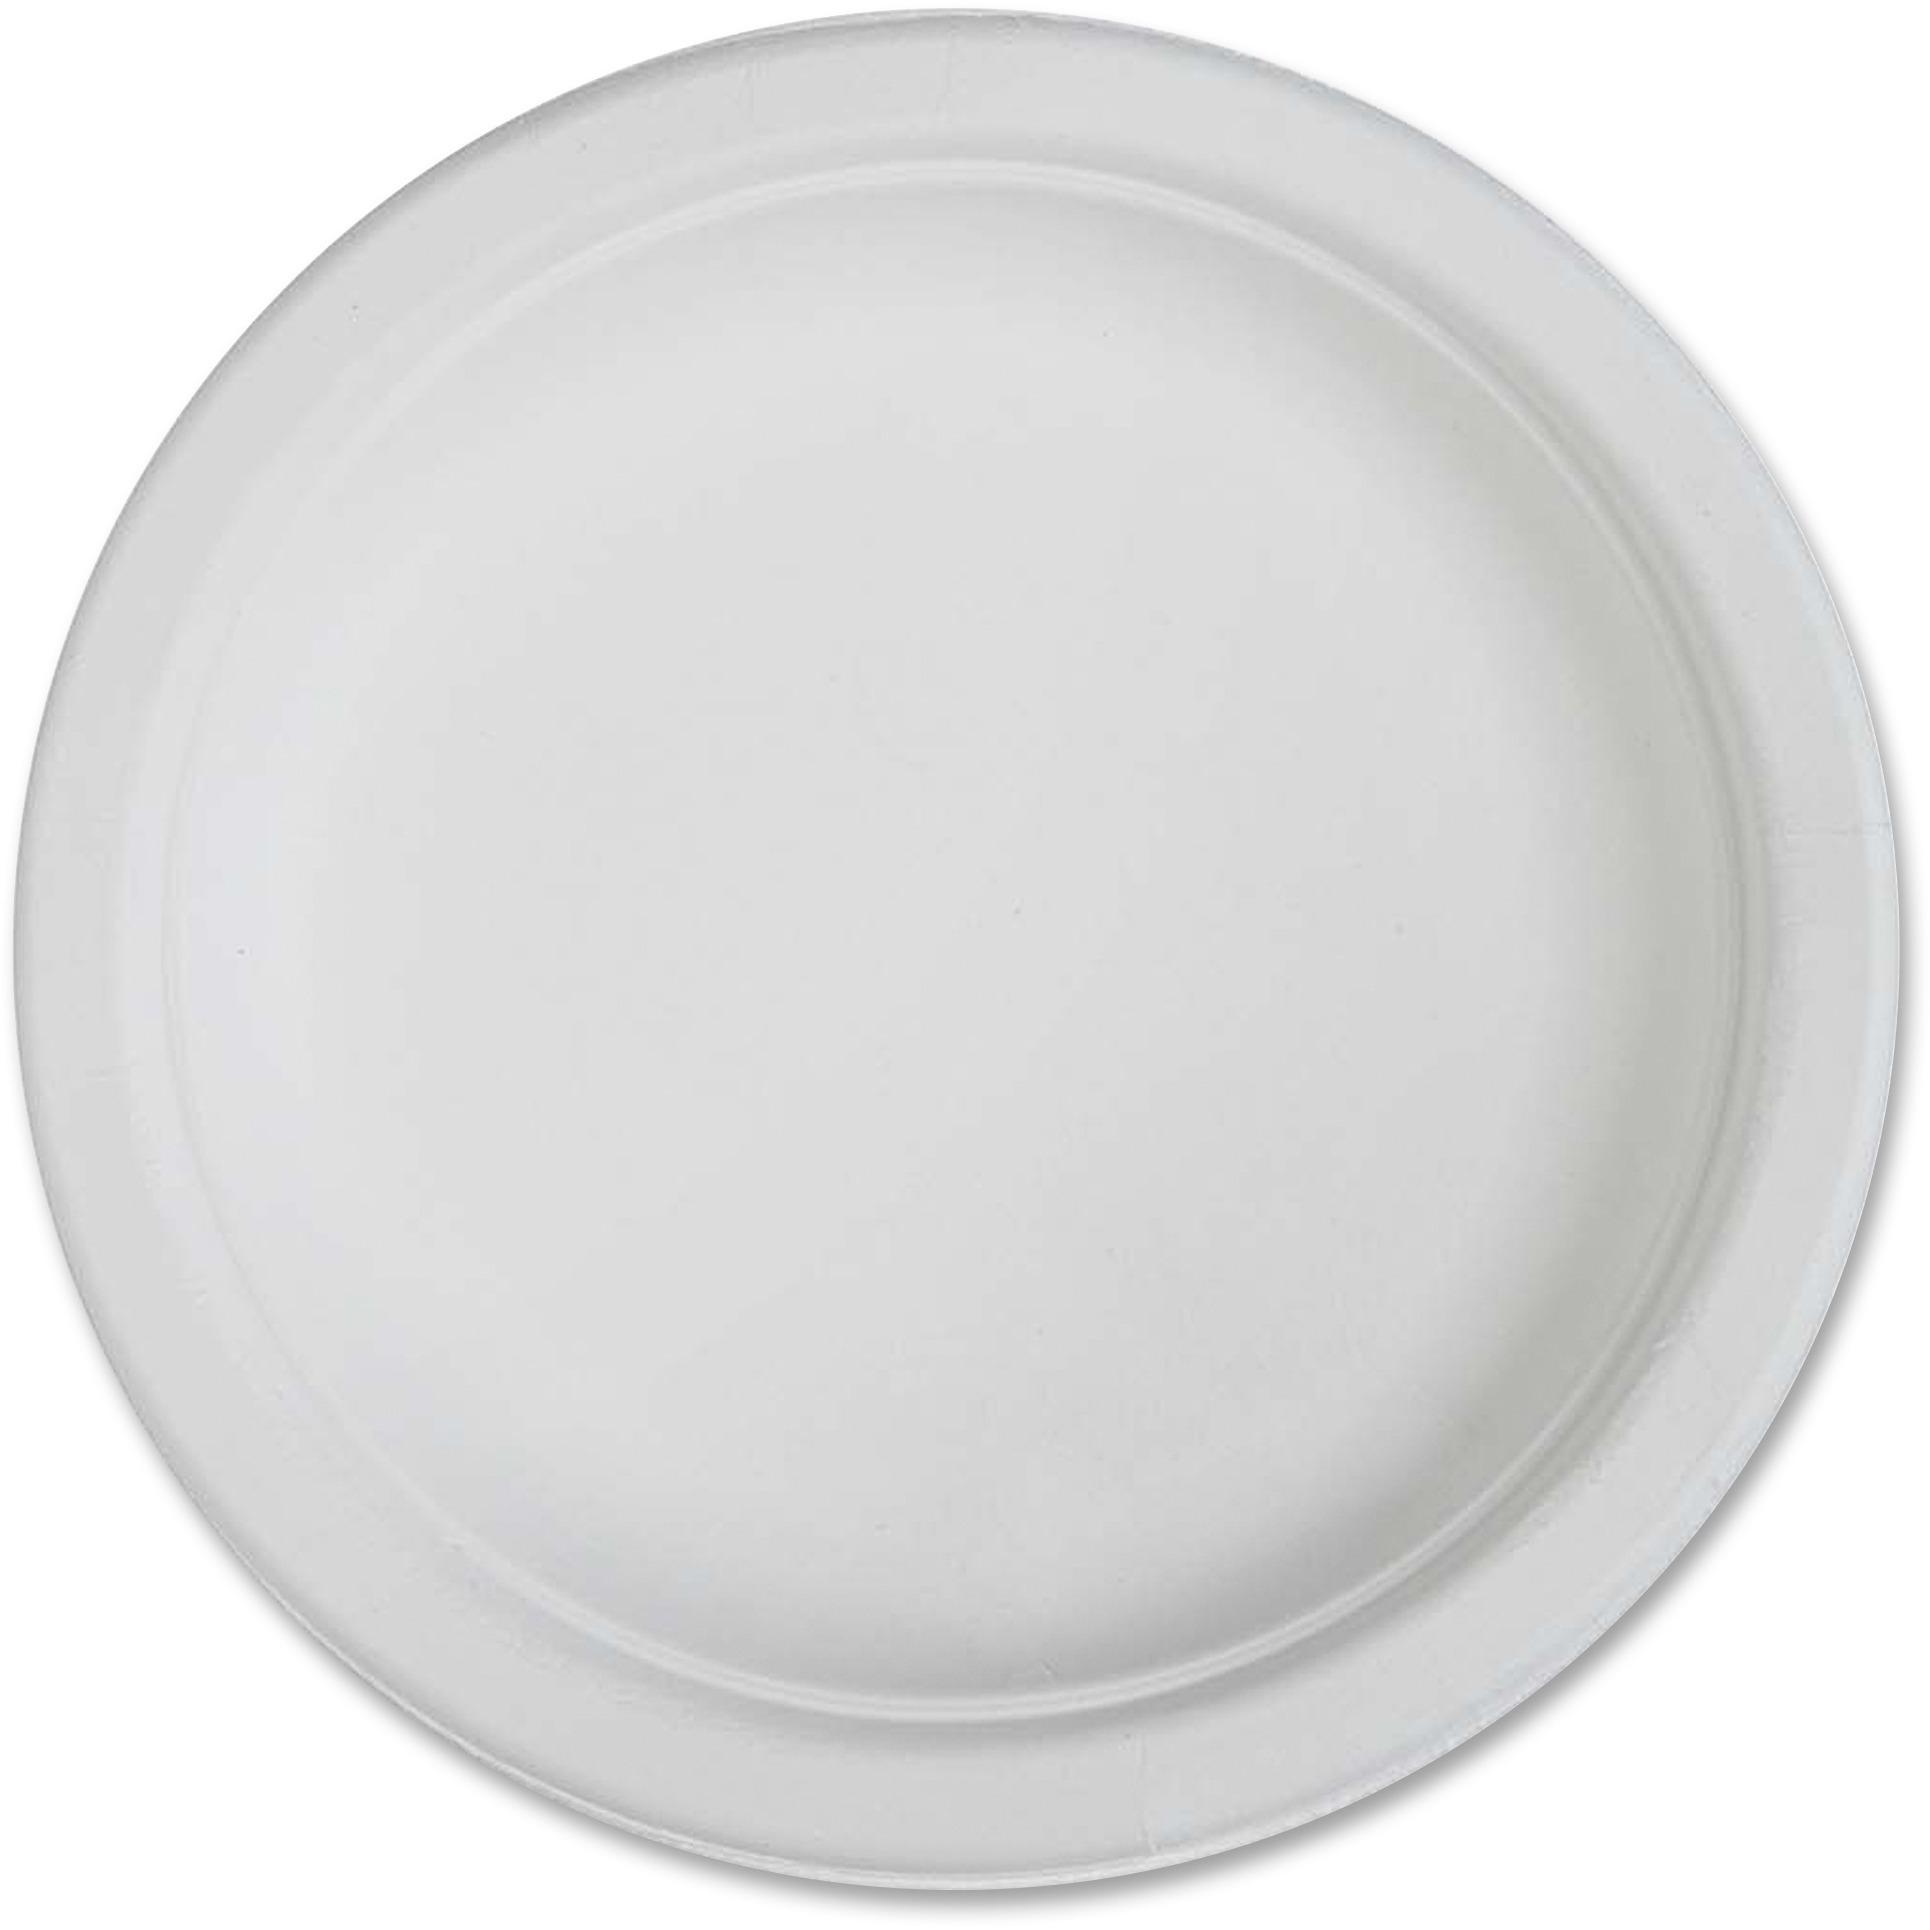 """Genuine Joe Compostable Plates, 6"""", 1000 / carton, GJO10216CT"""